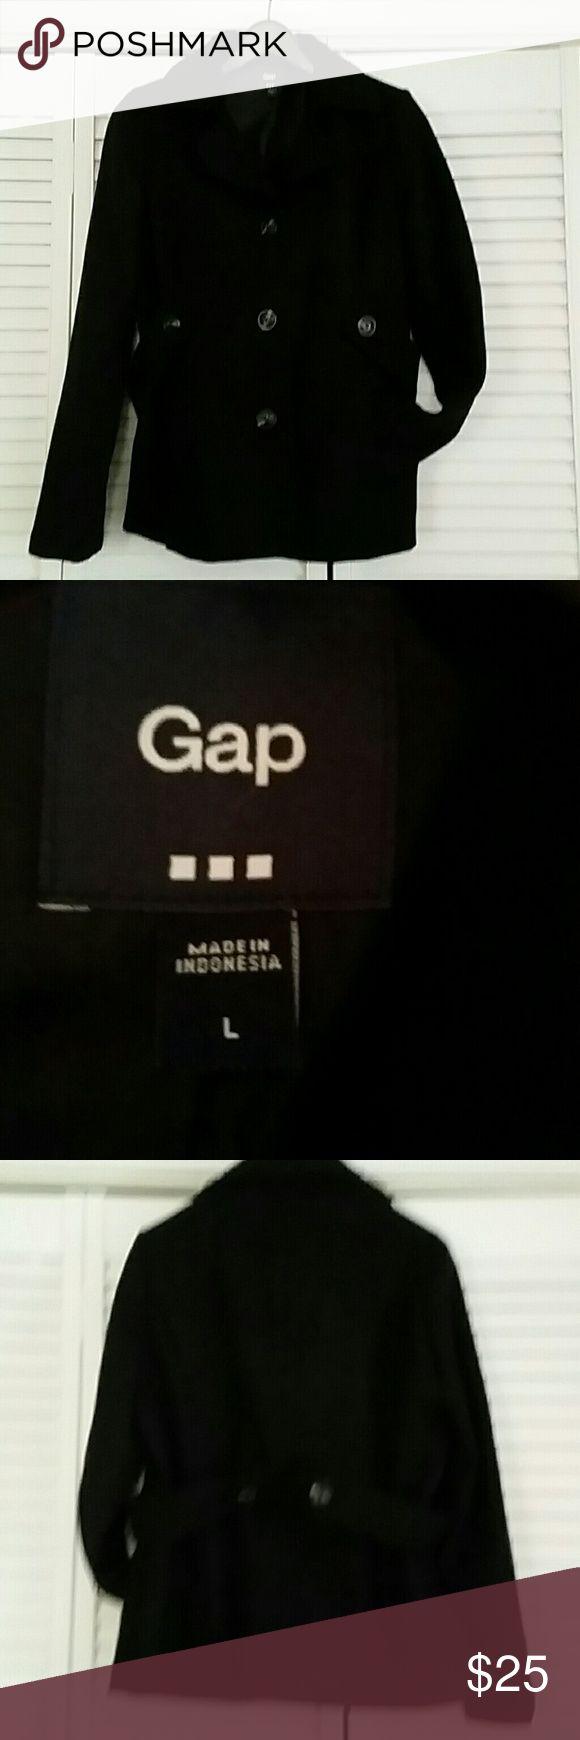 Gap coat GAP coat, great condition GAP Jackets & Coats Pea Coats